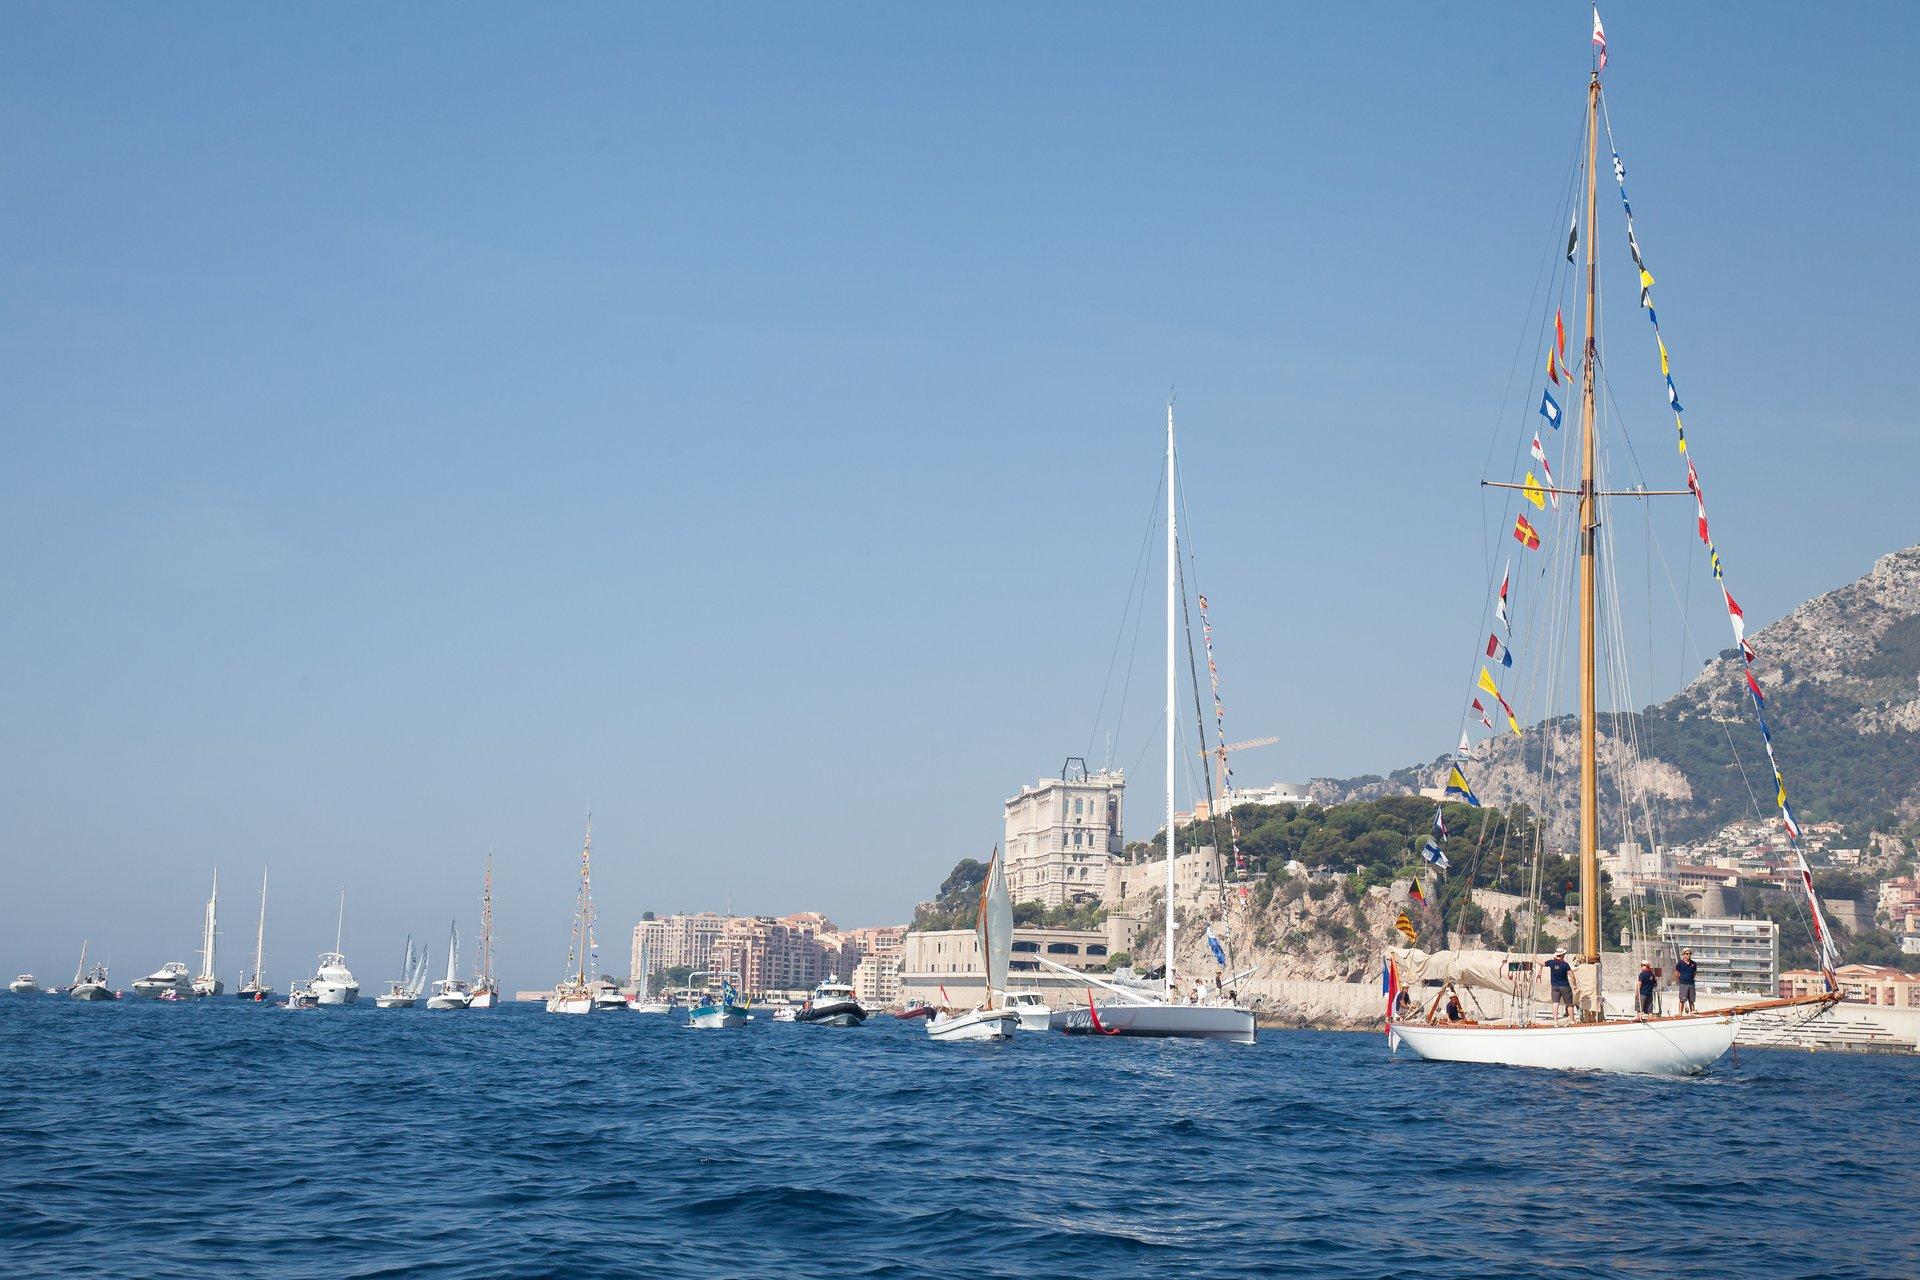 Fête de la Mer (Festival of the Sea) in Monaco - Best Season